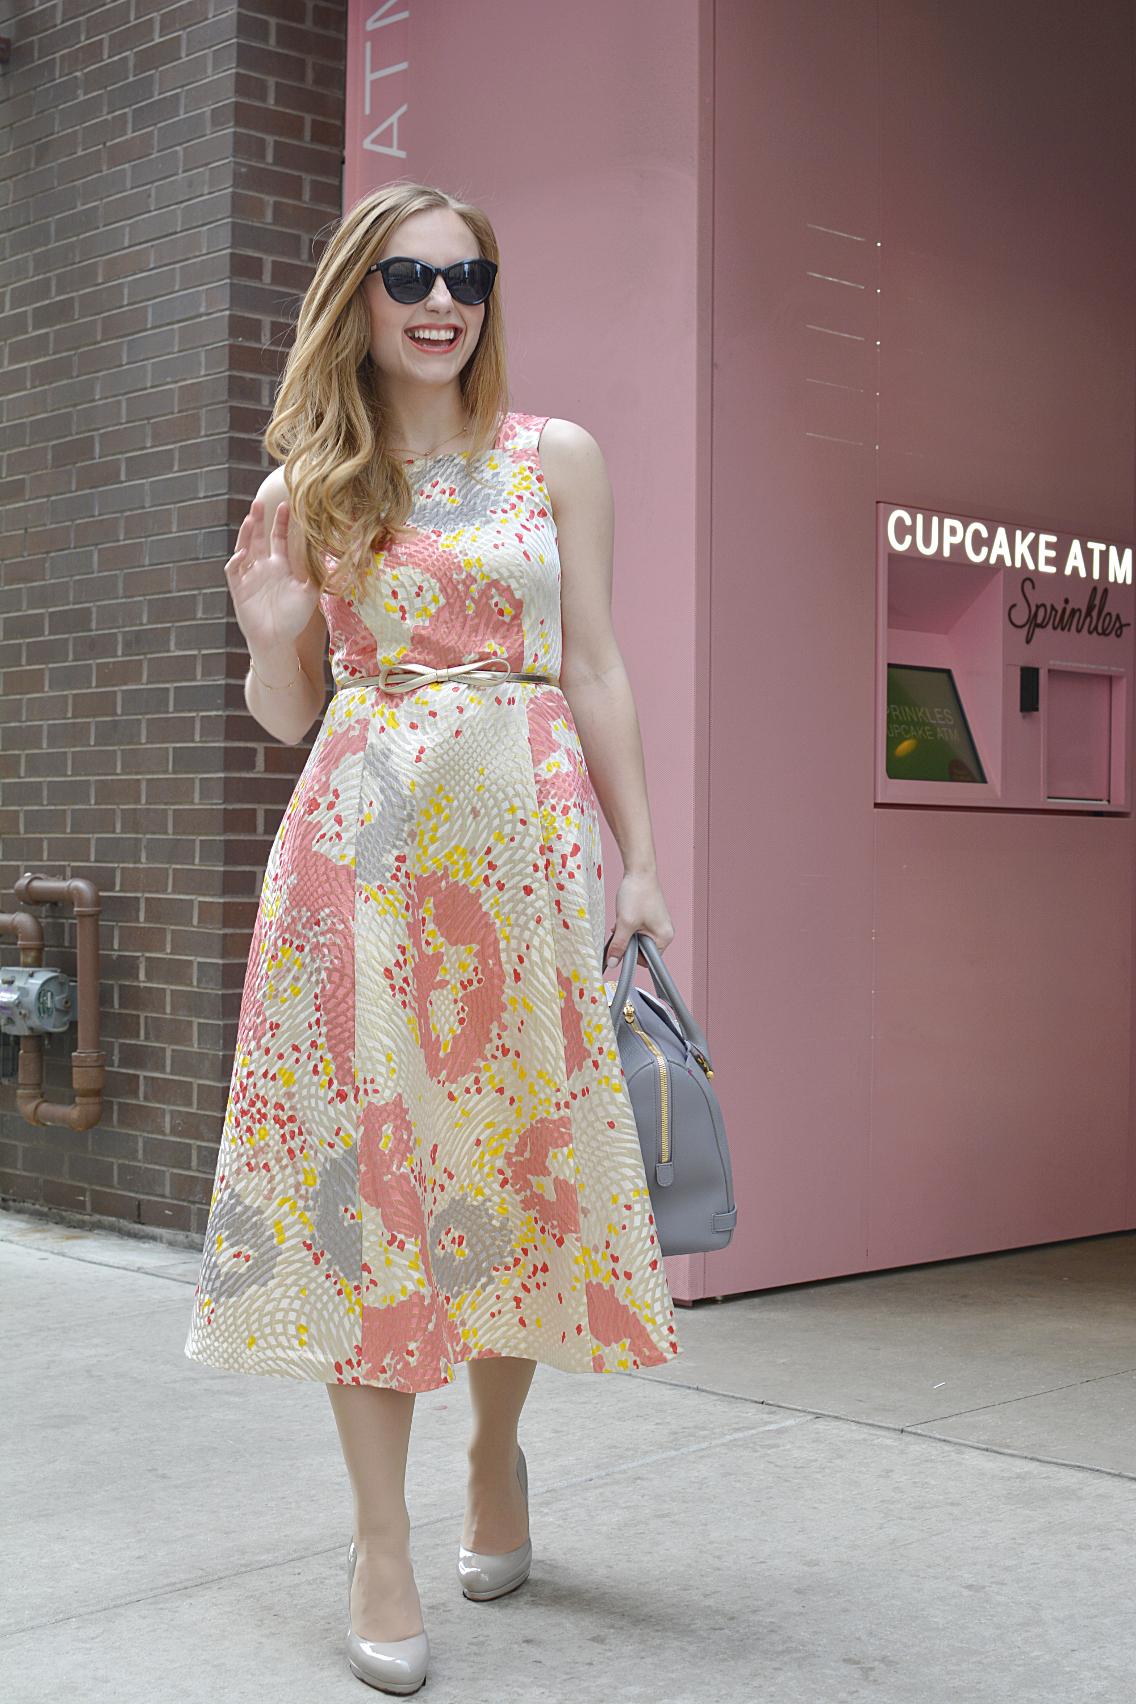 LK Bennett Chicago Gardo Jacquard Dress Sprinkles Cupcakes 8